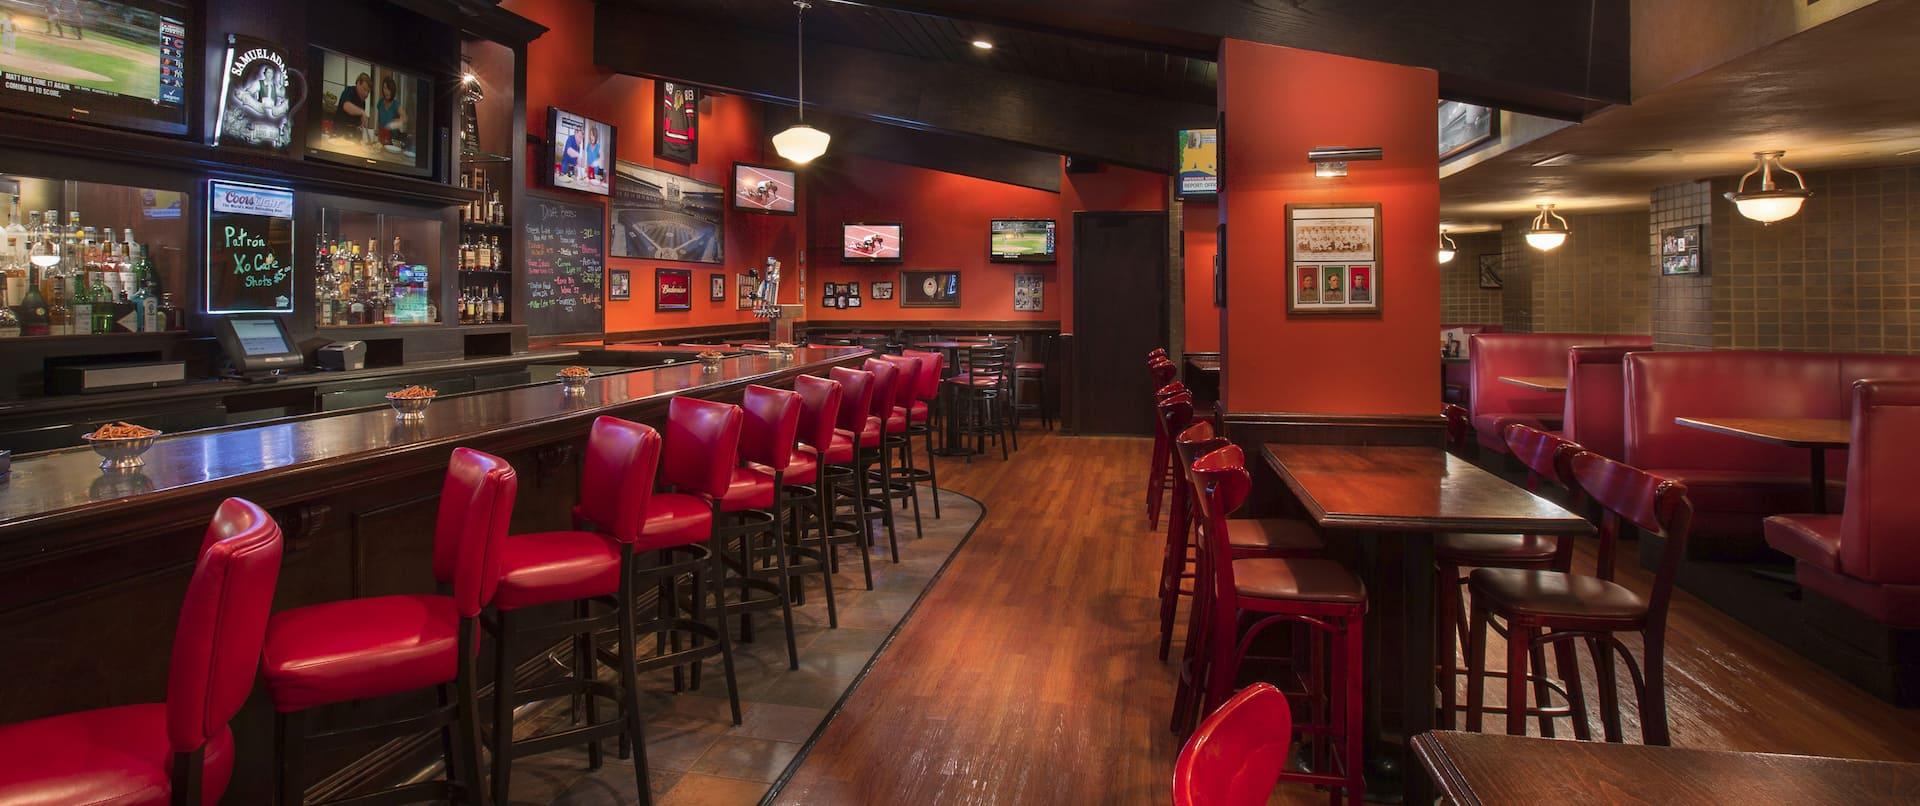 Foxes Bar